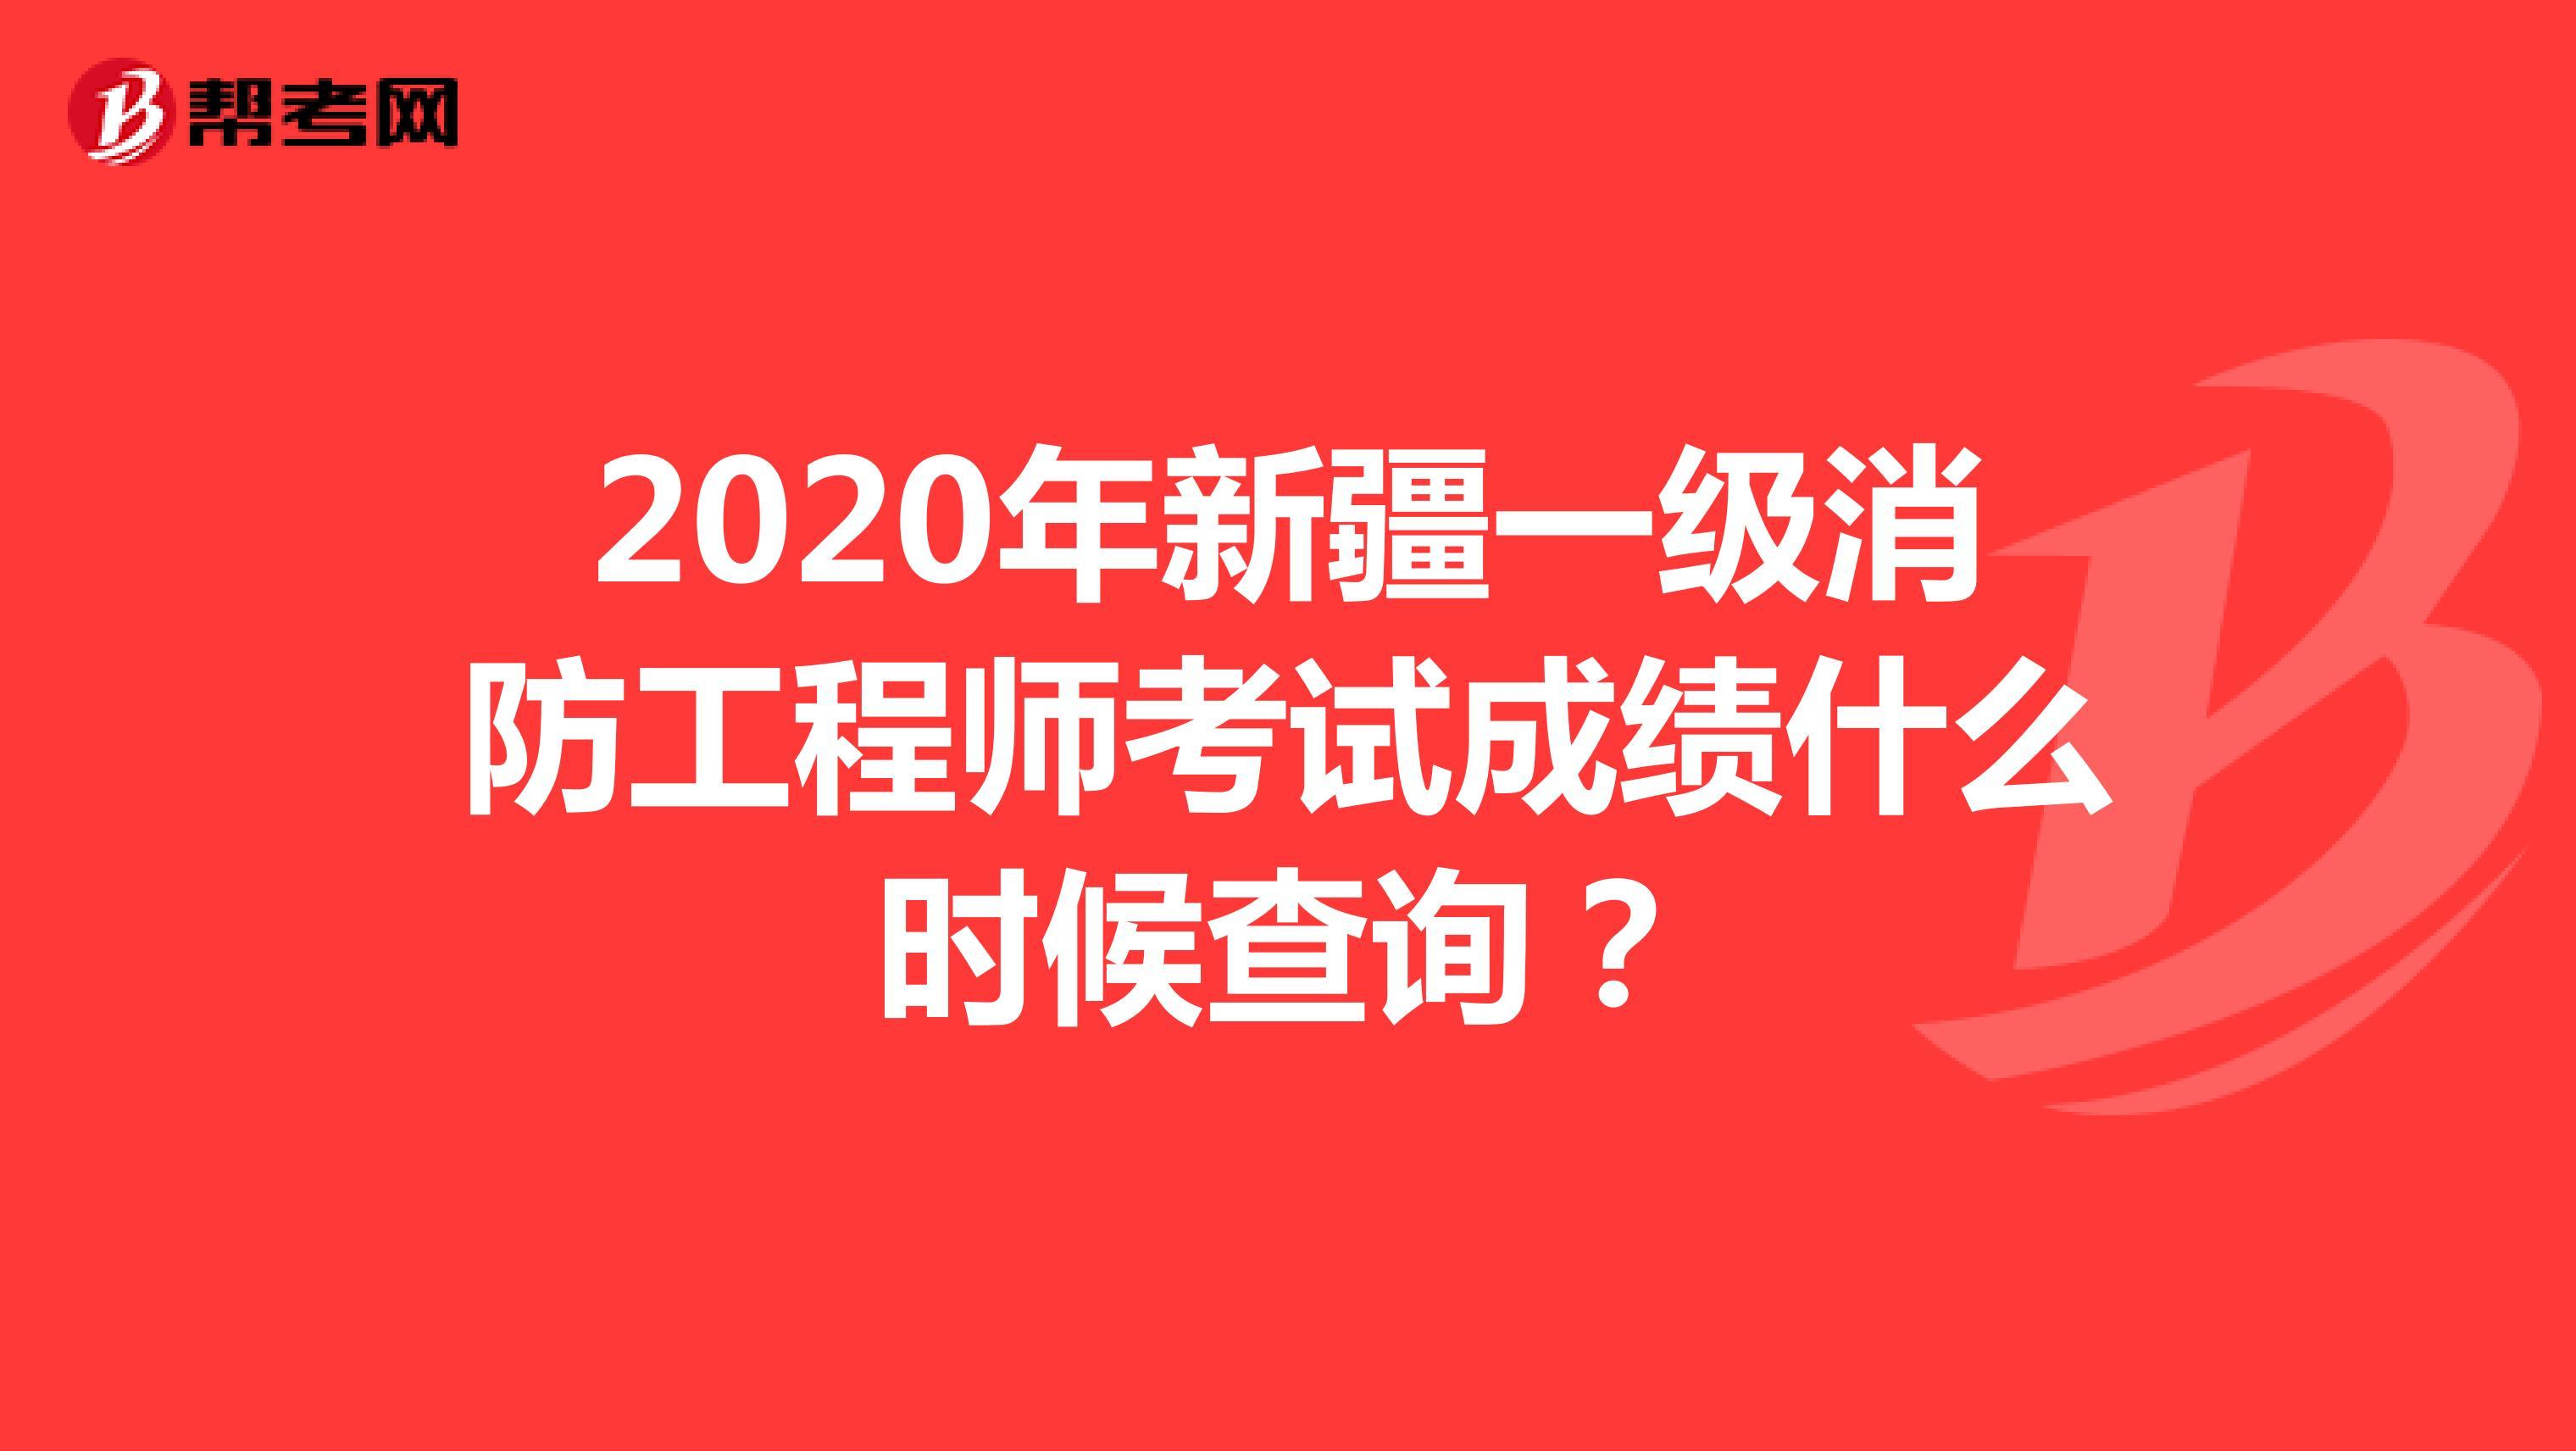 2020年新疆一级消防工程师考试成绩什么时候查询?